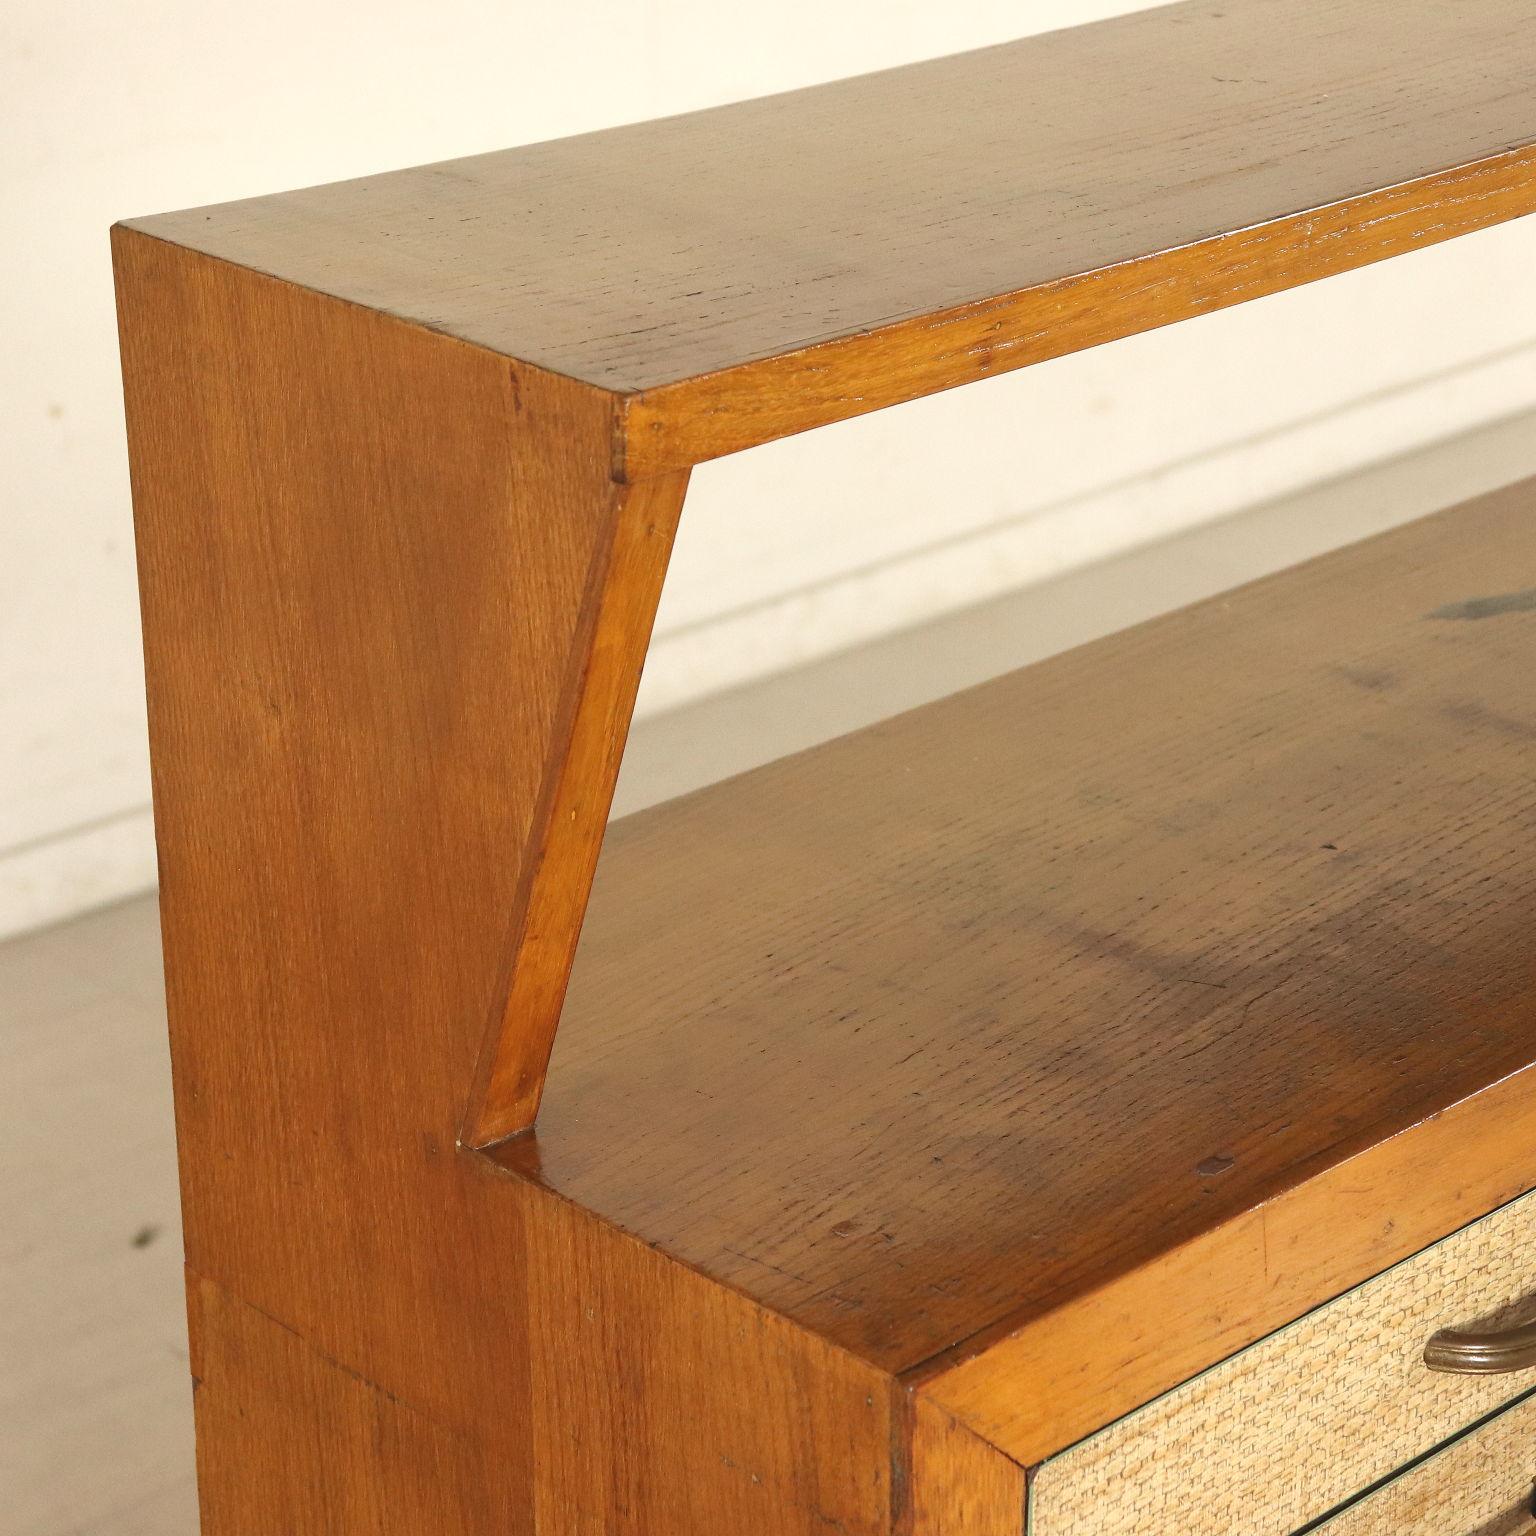 Eiche Furniert Schrank Italien 50er Jahre Möbel Modernes Design